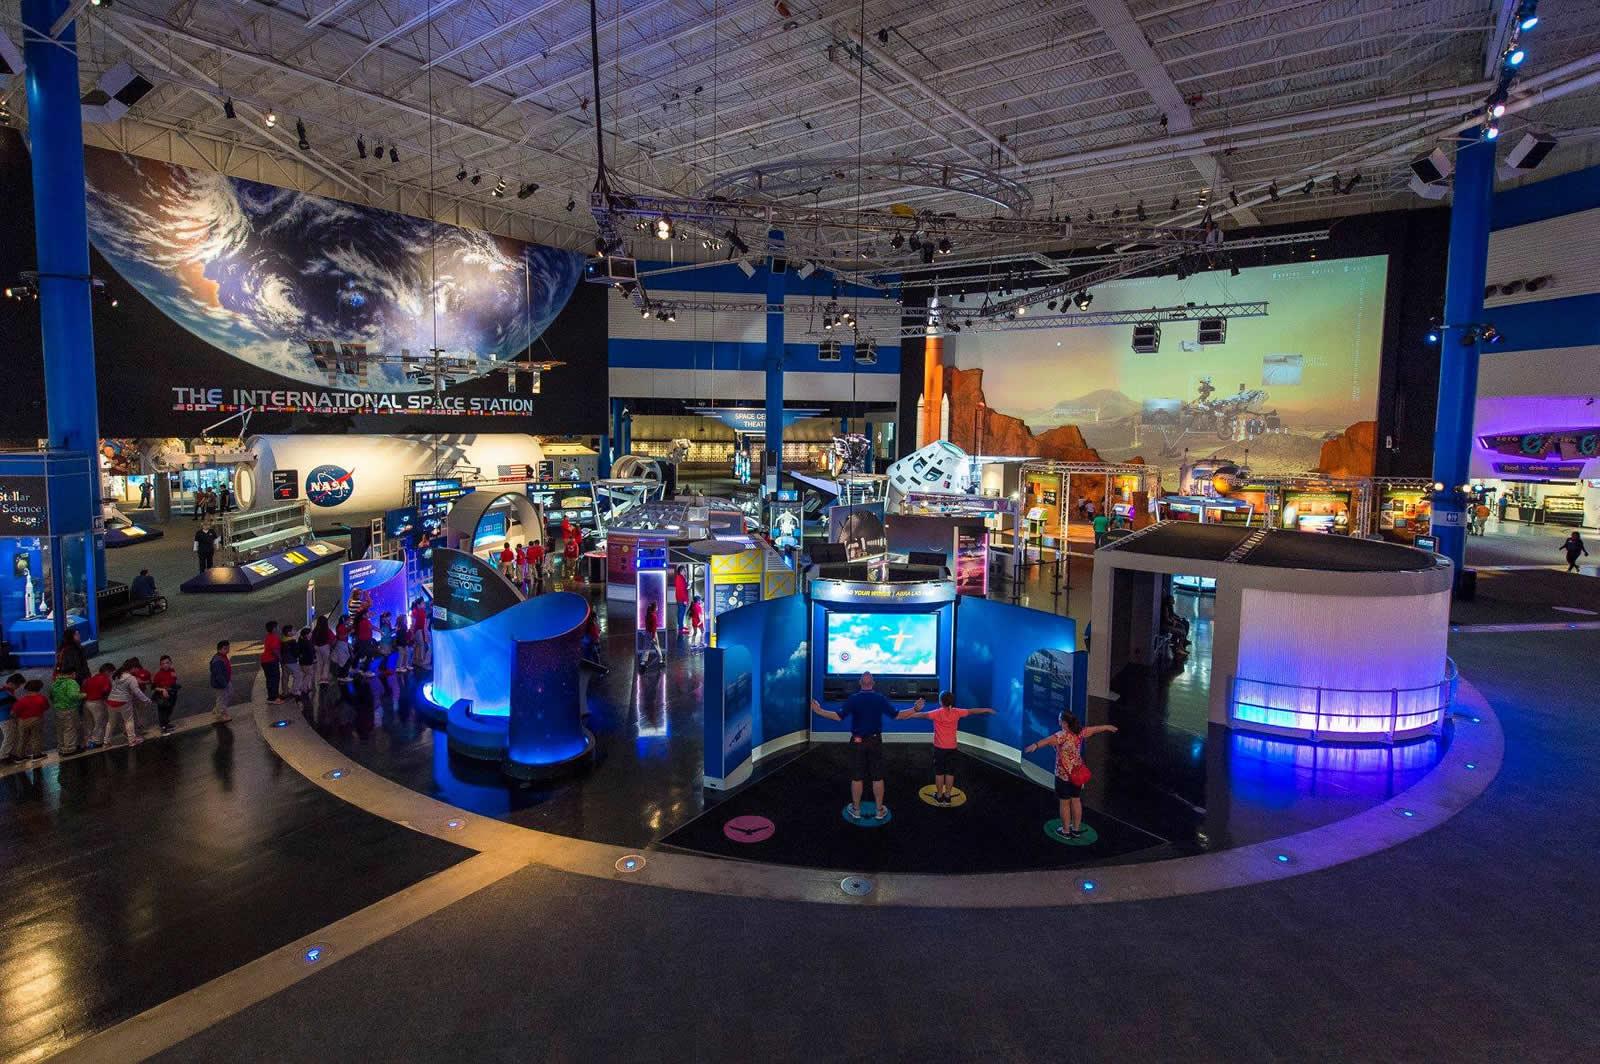 Trung tâm vũ trụ NASA